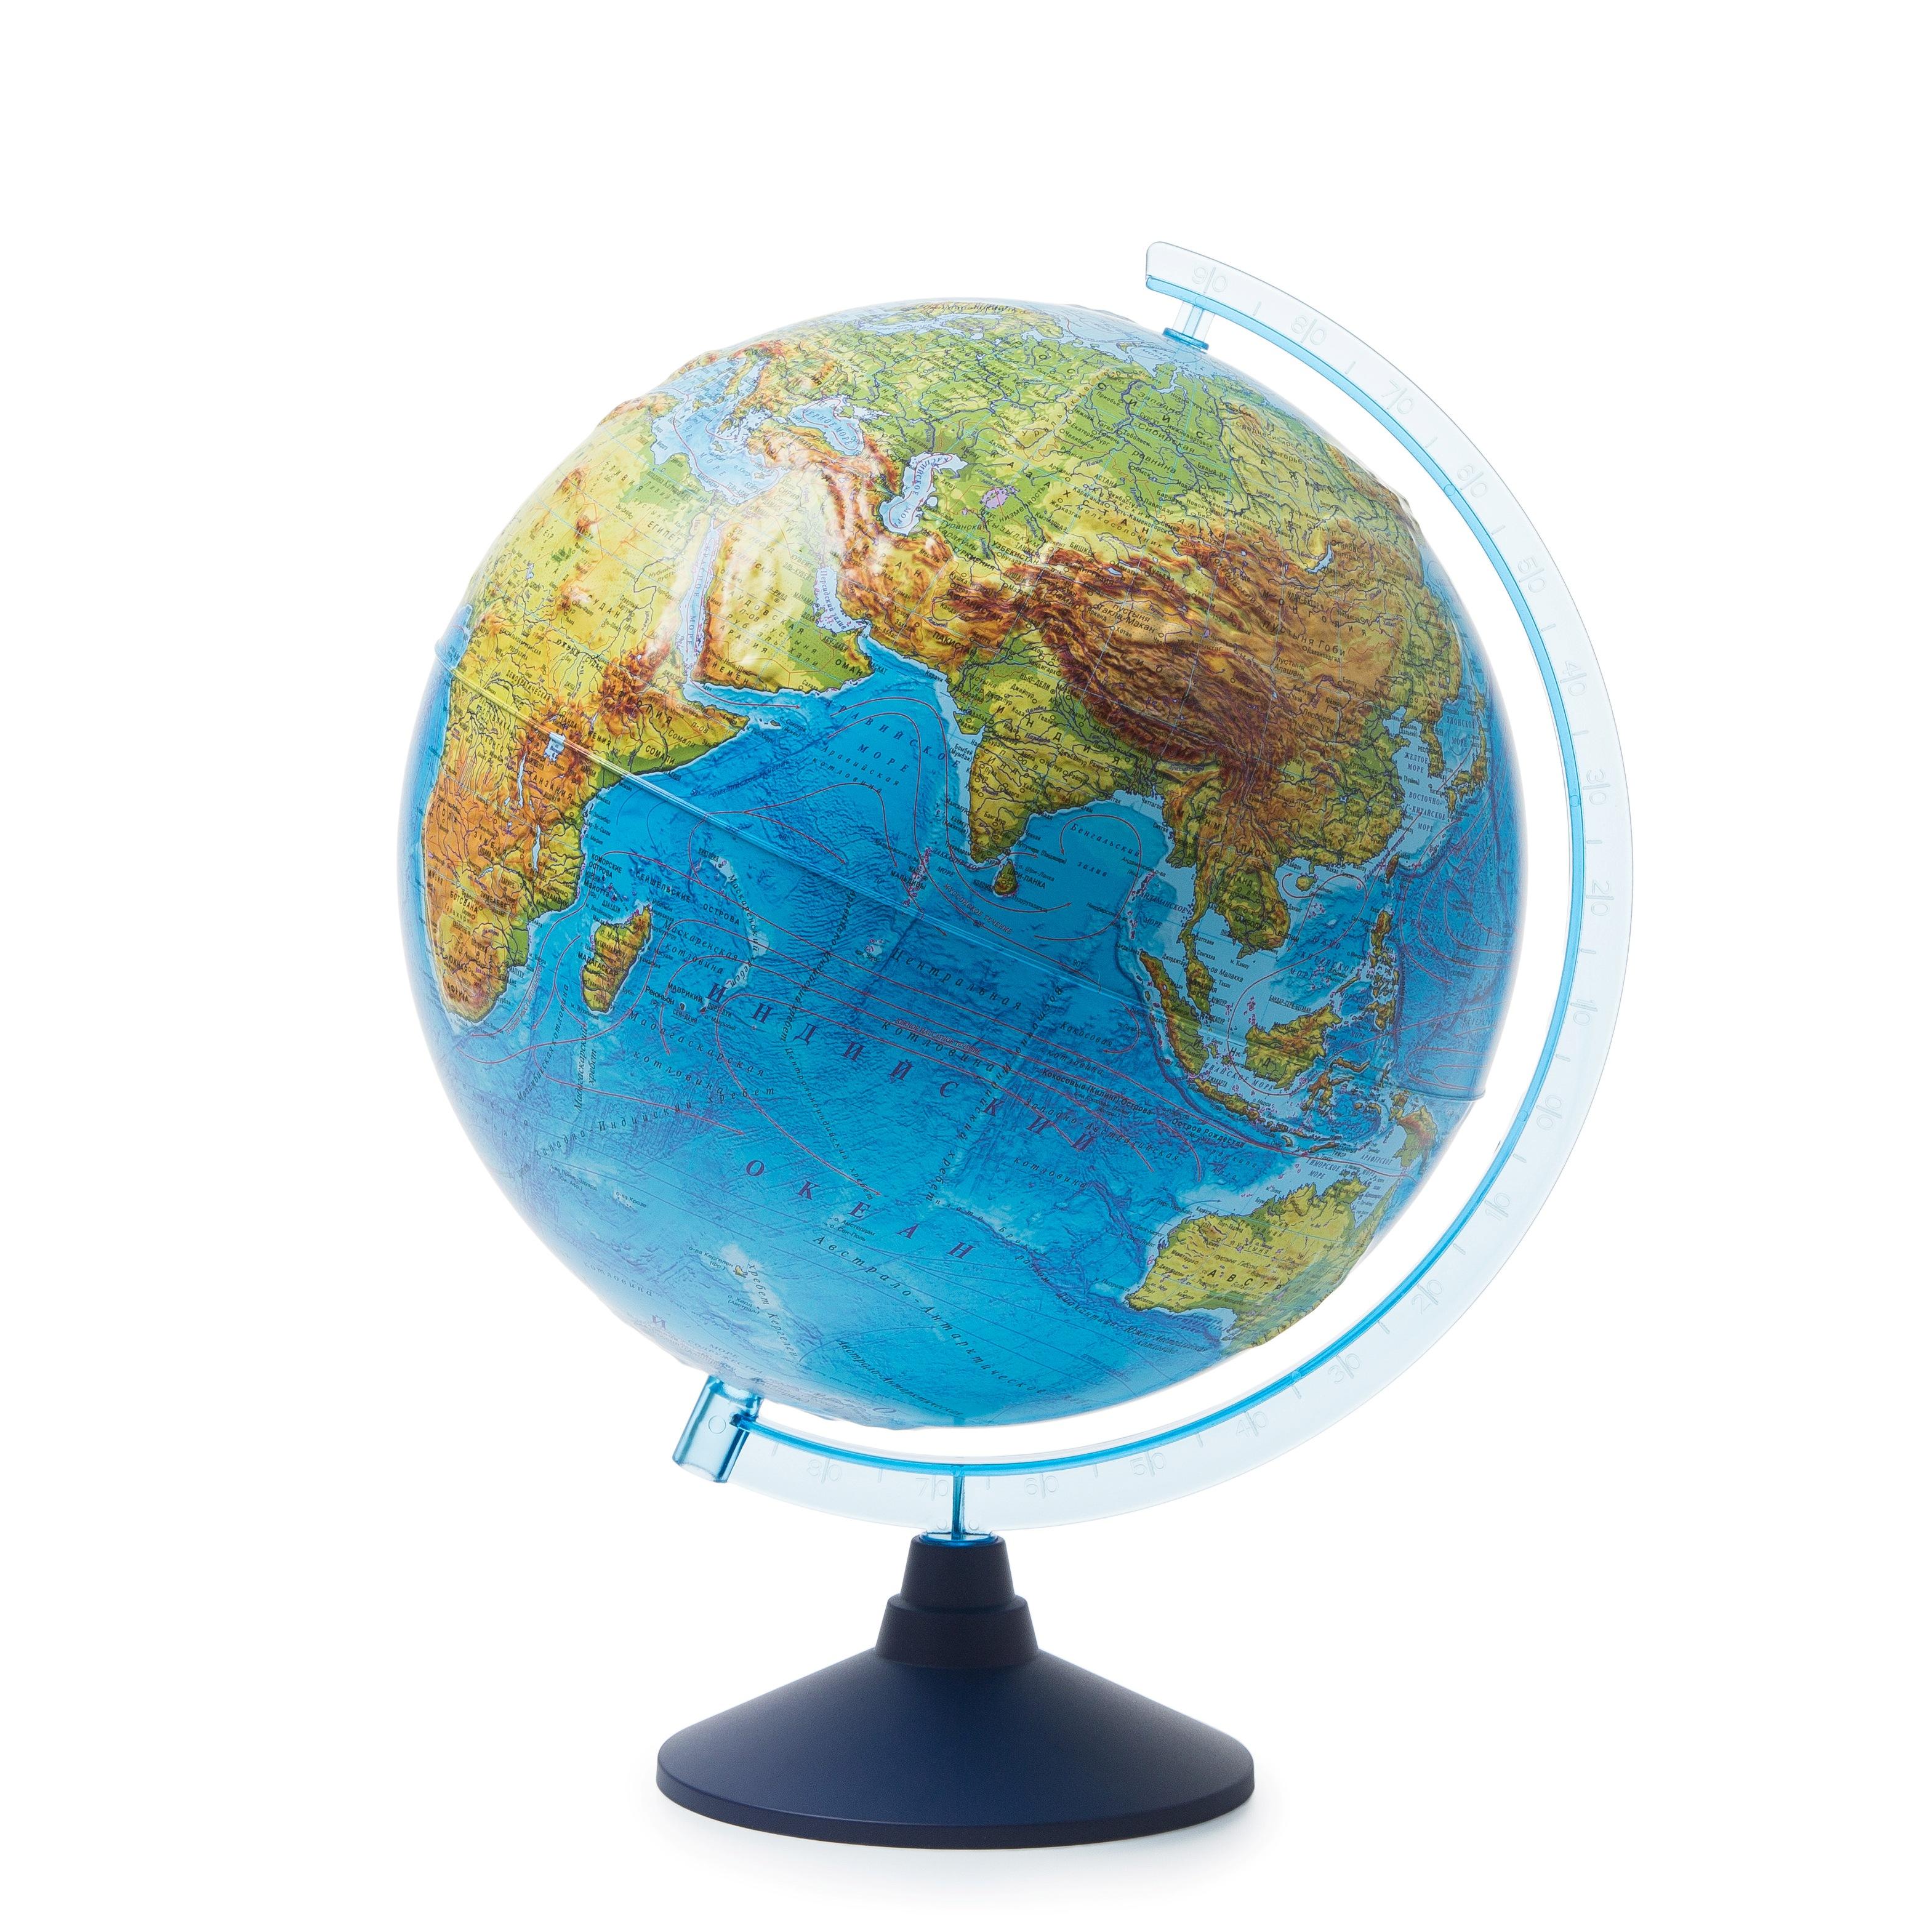 Глобус Globen Земли физический рельефный, диаметр 32 см глобус globen физический рельефный